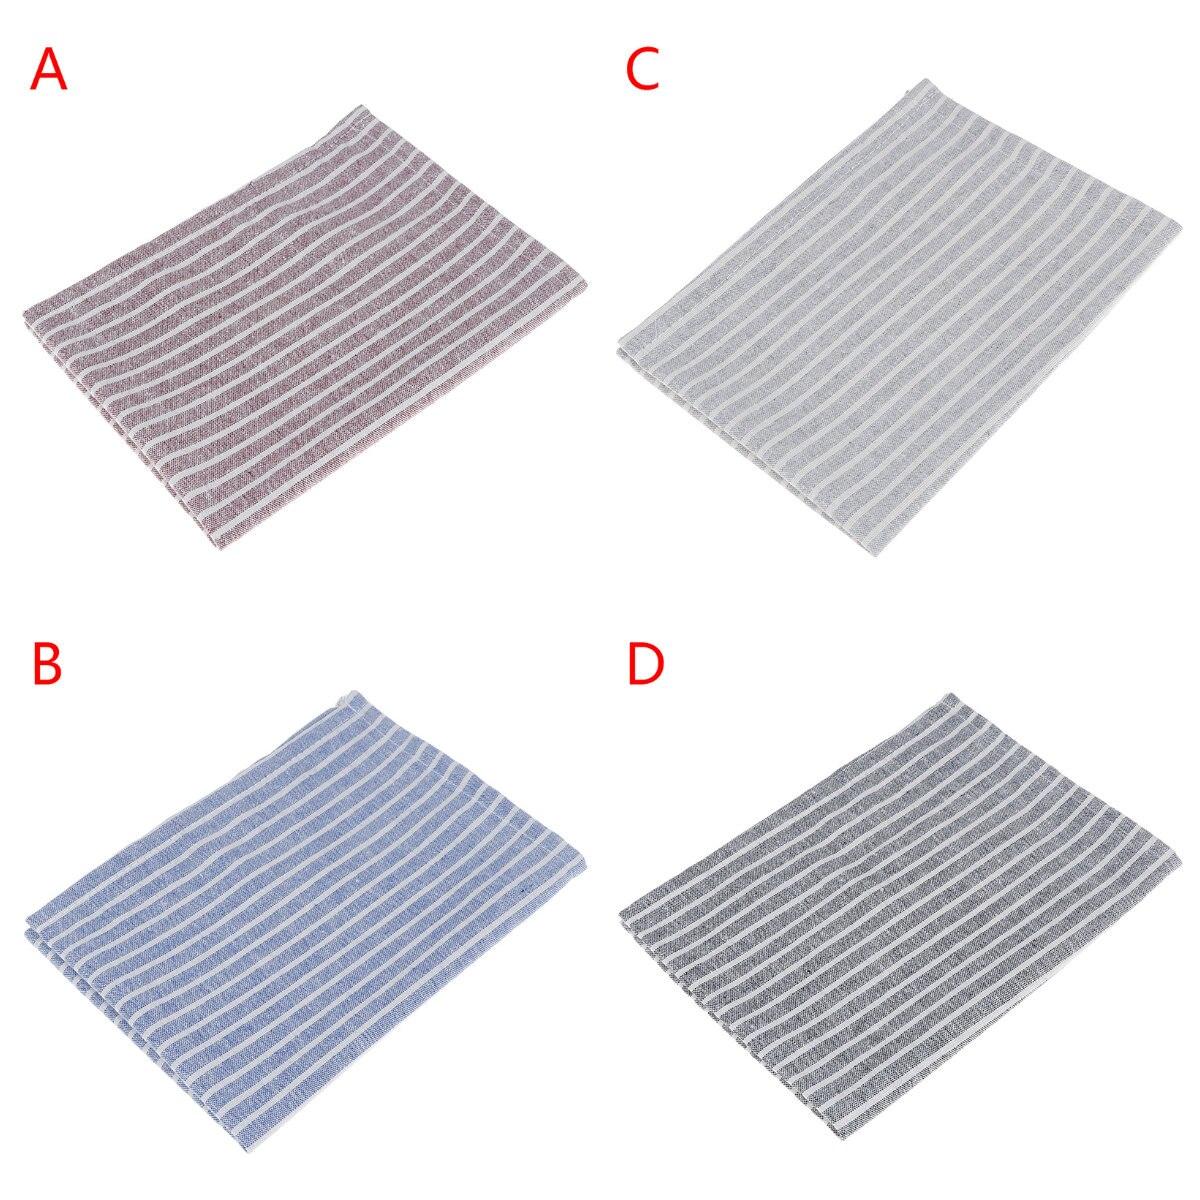 30x40 Cm Katoen Linnen Servetten Placemat Isolatie Mat Eettafel Mat Comfortabele Servet Stof Tafel Placemats Achtergrond